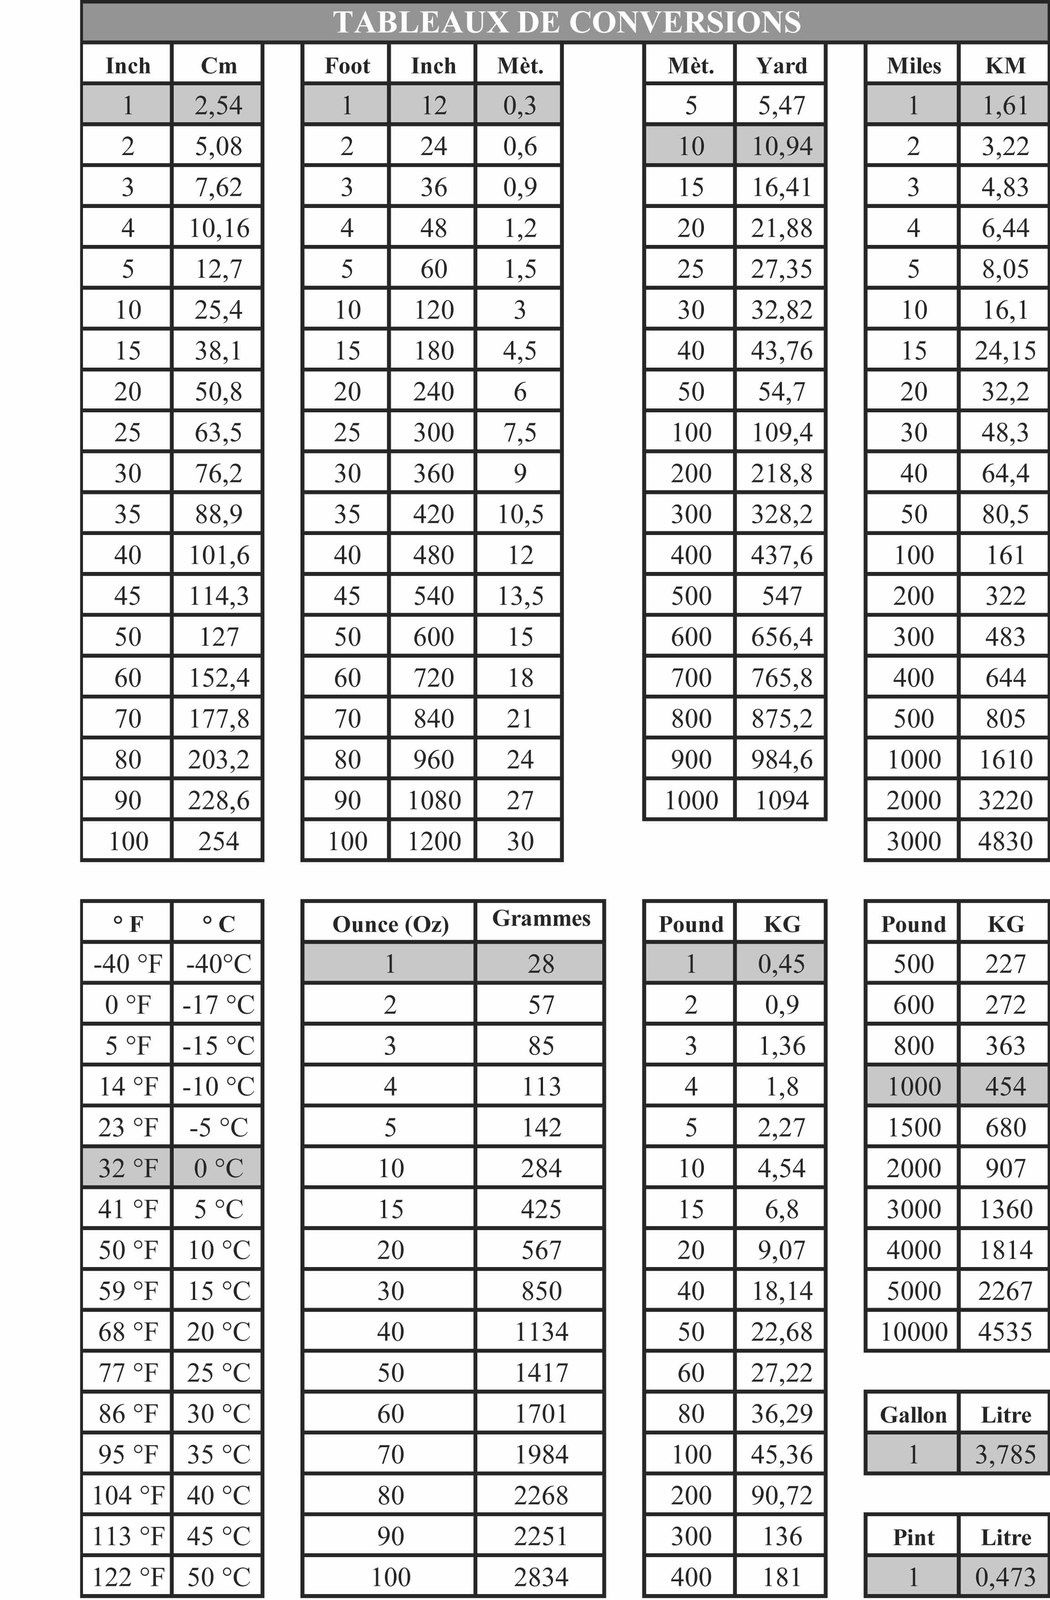 Tableau de conversion des unités